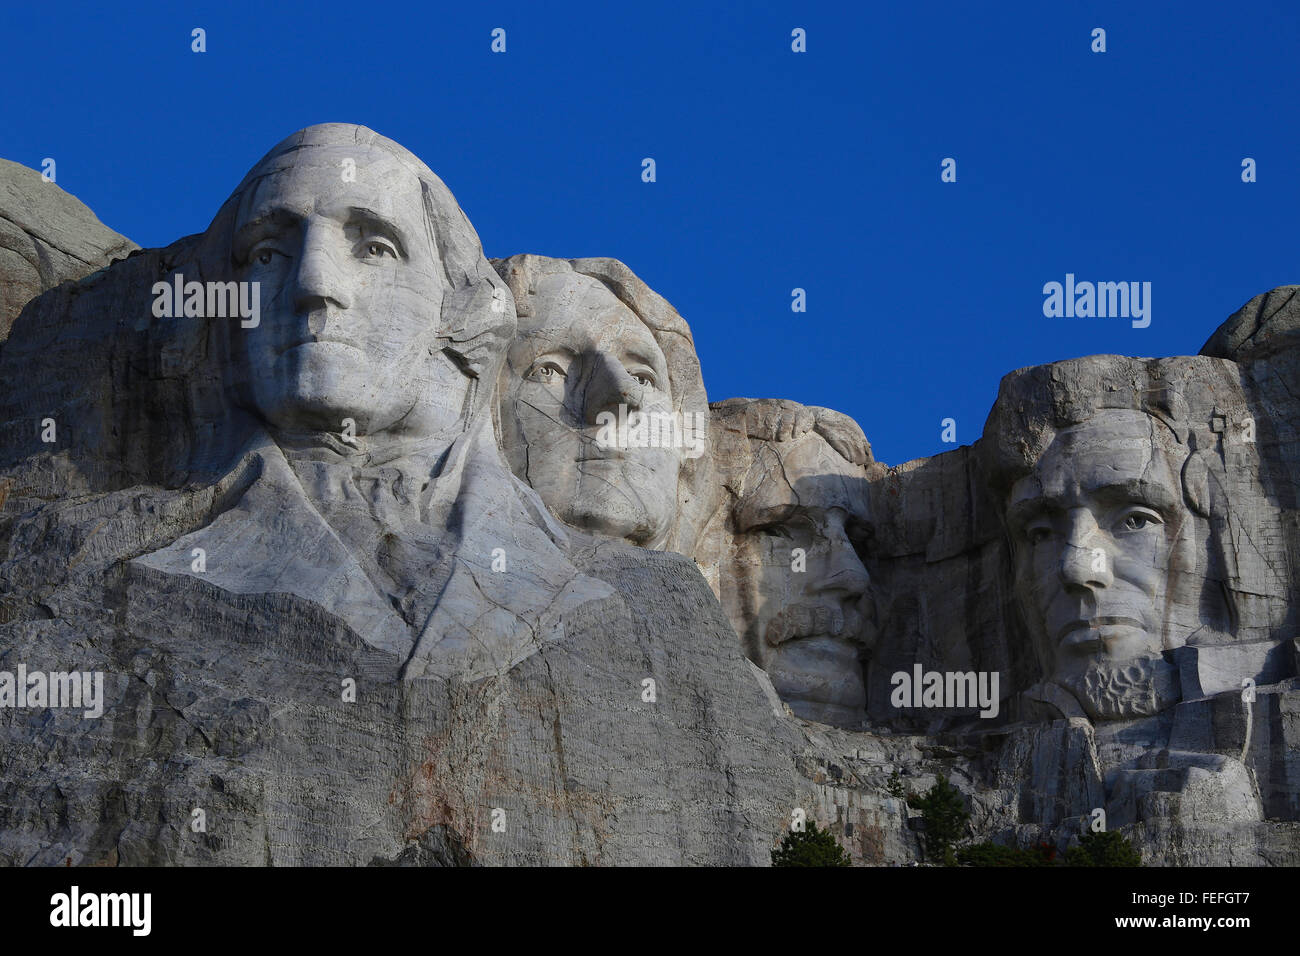 Mount Rushmore National Memorial klarer blauen Himmel Stockbild